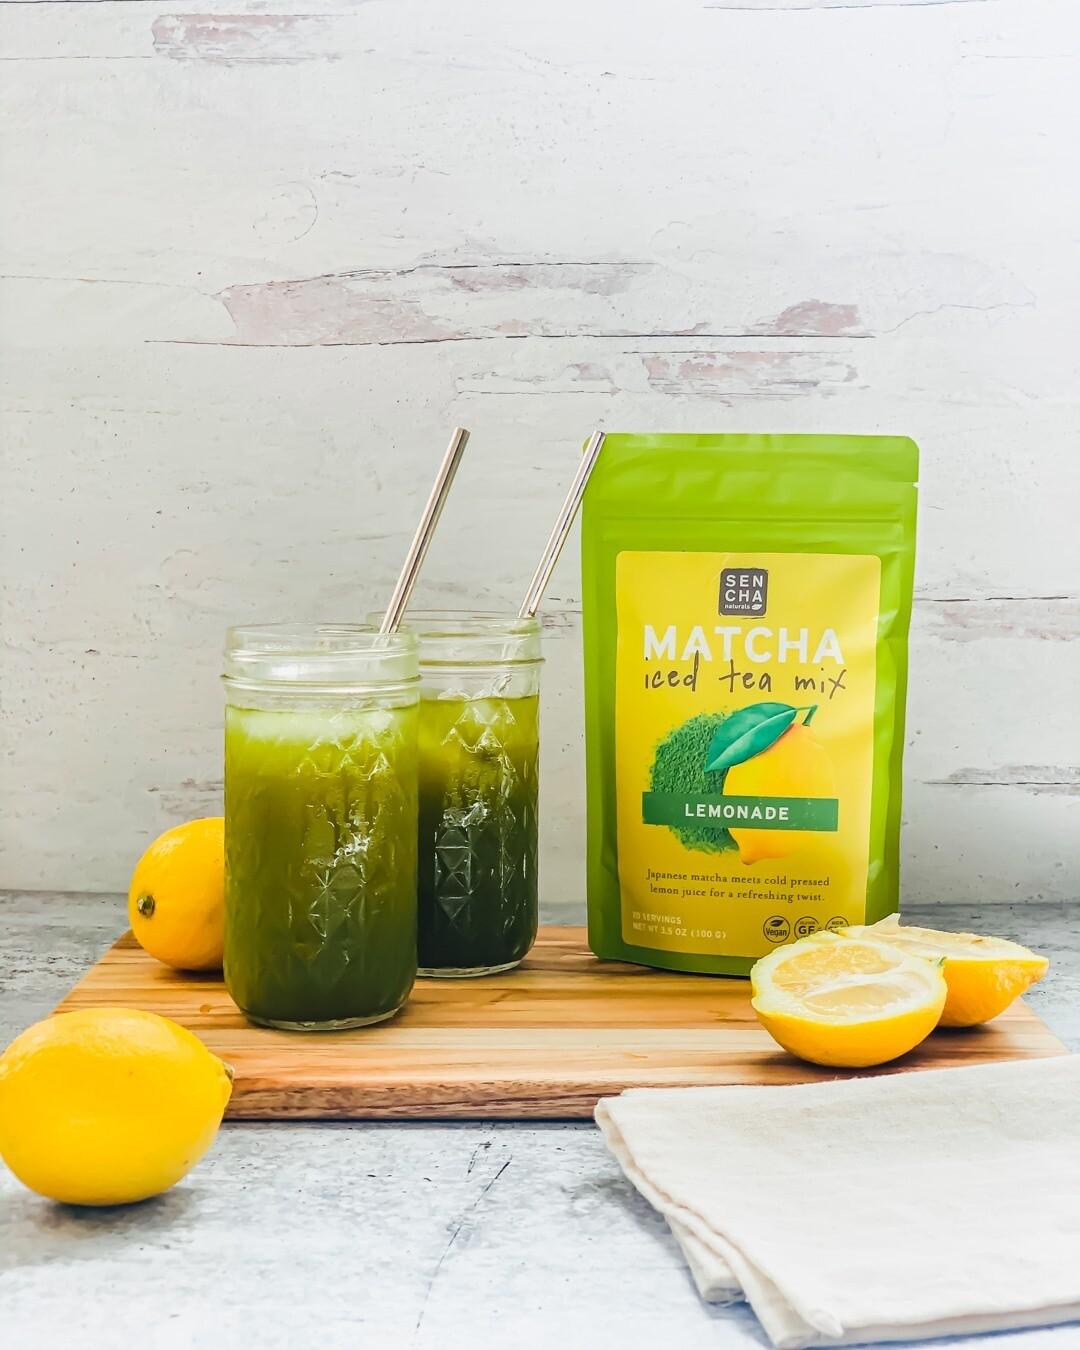 Sencha Matcha Iced Tea Lemonade